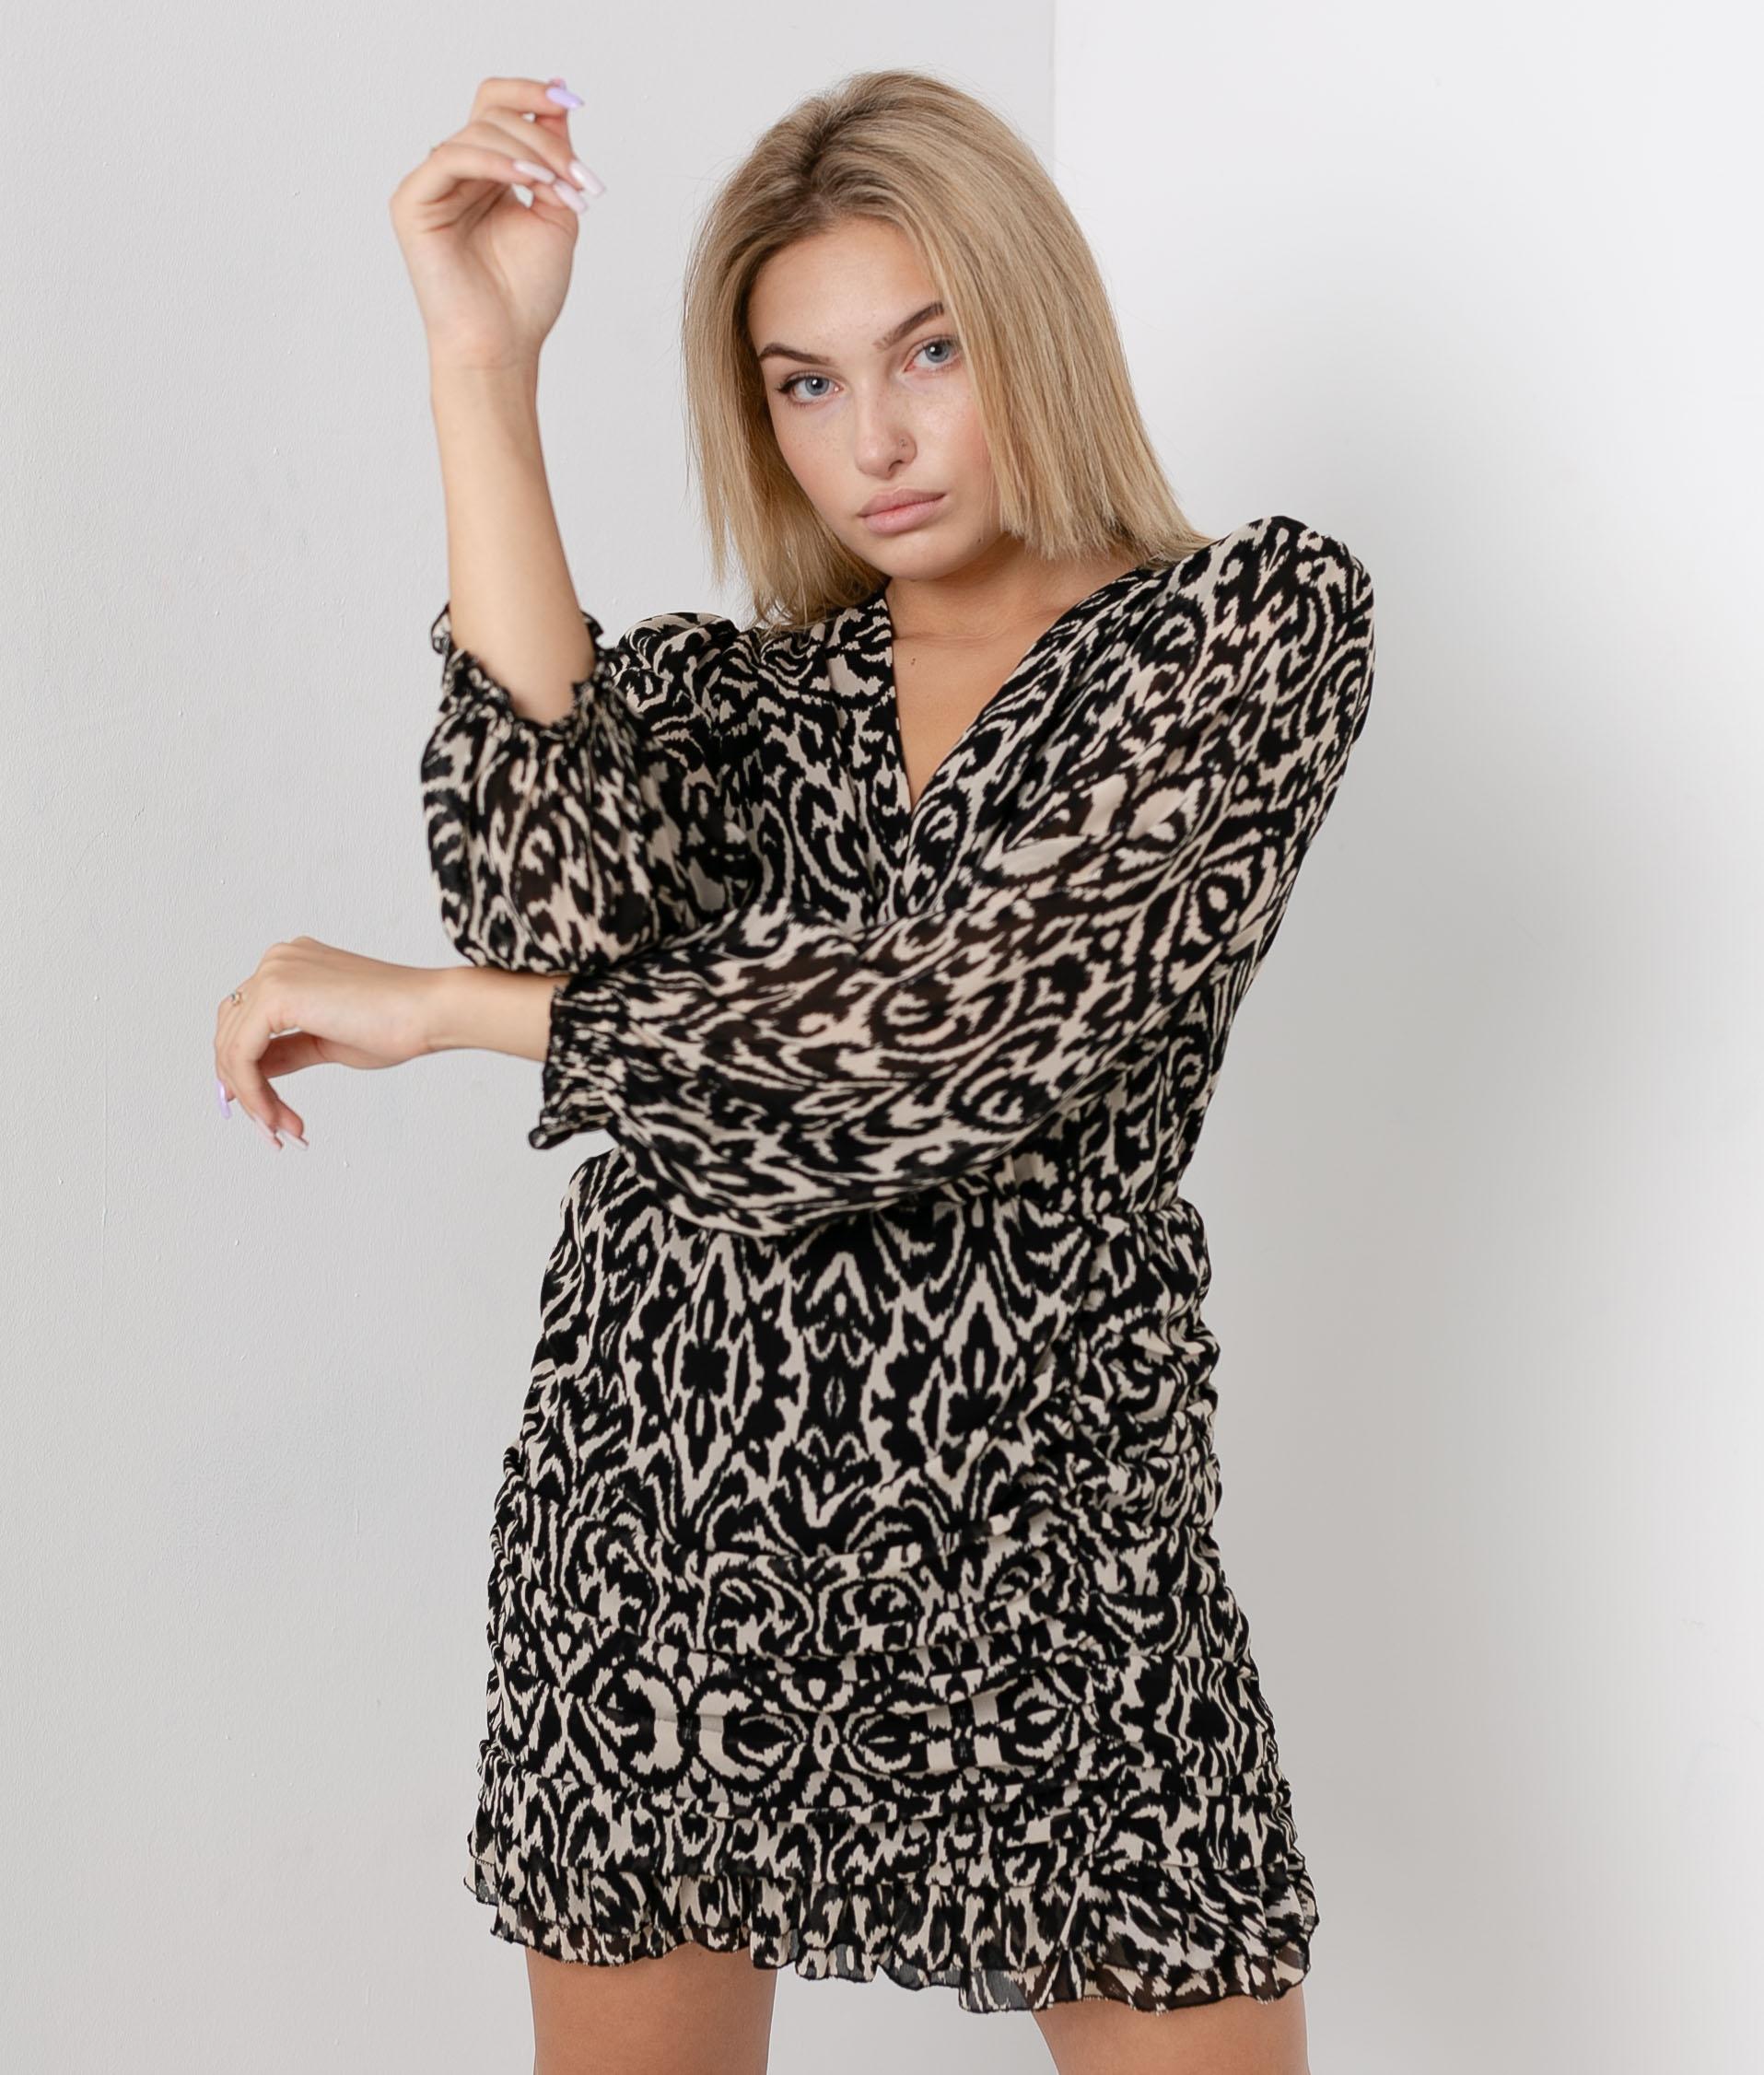 Irtemi dress - Beige/Black